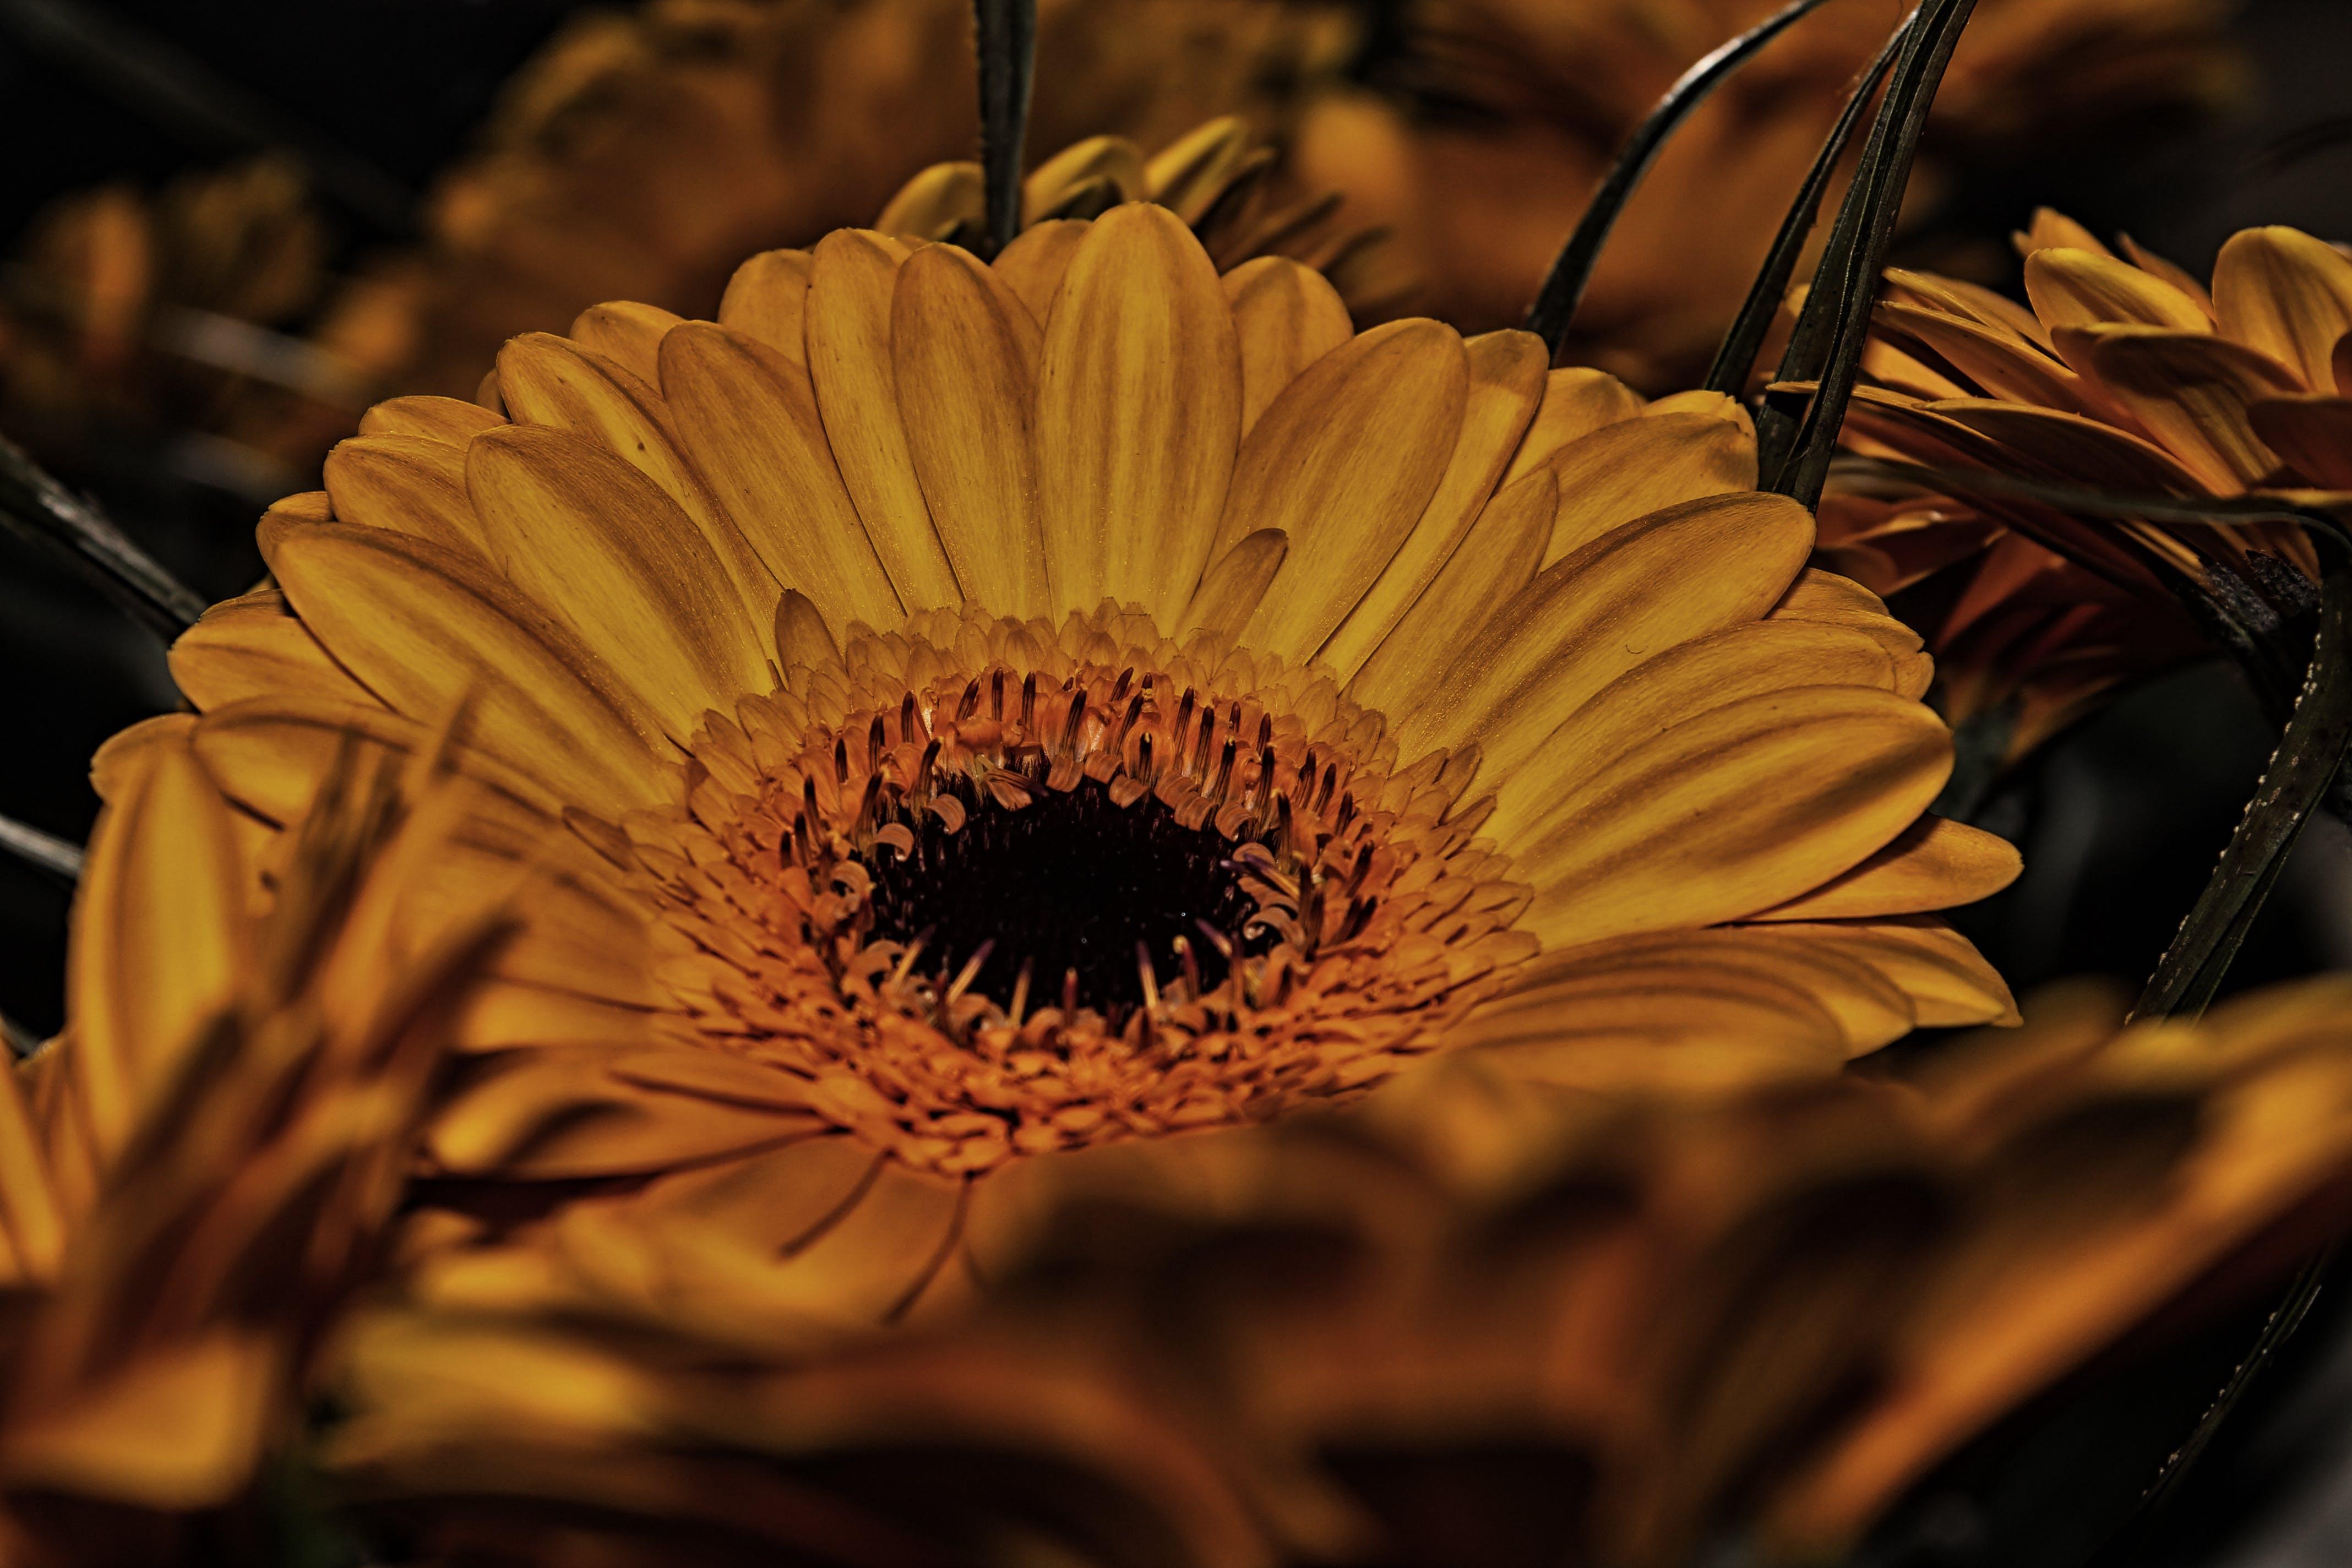 Free stock photo of flower, yellow, yellow flowers